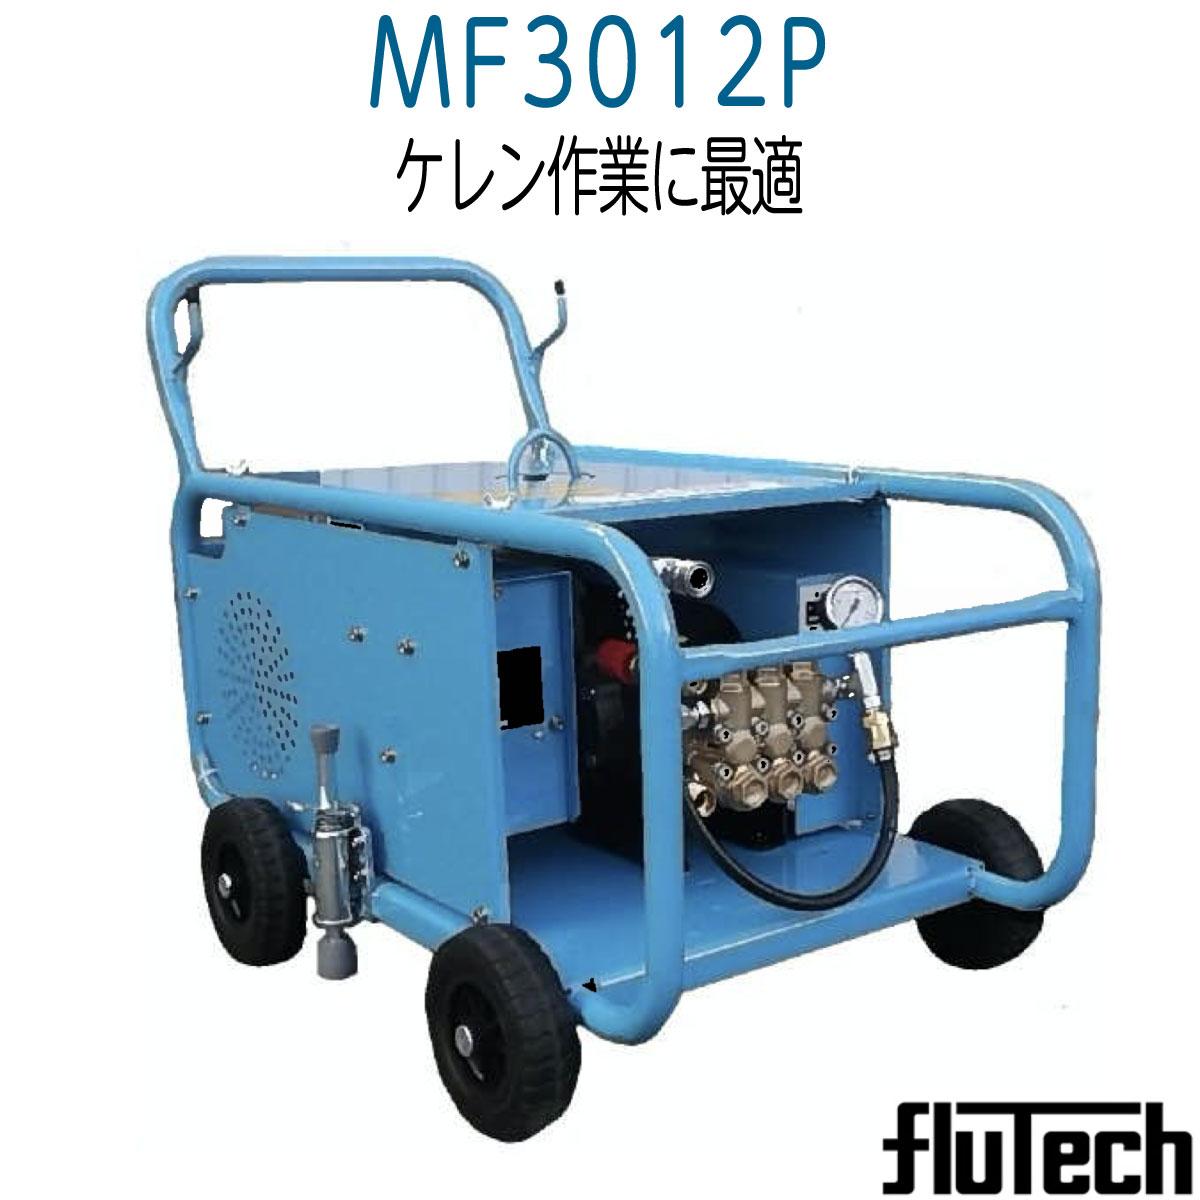 フルテック 期間限定 MF3012P セット品《メーカー直送品》 訳あり品送料無料 モーター式高圧洗浄機